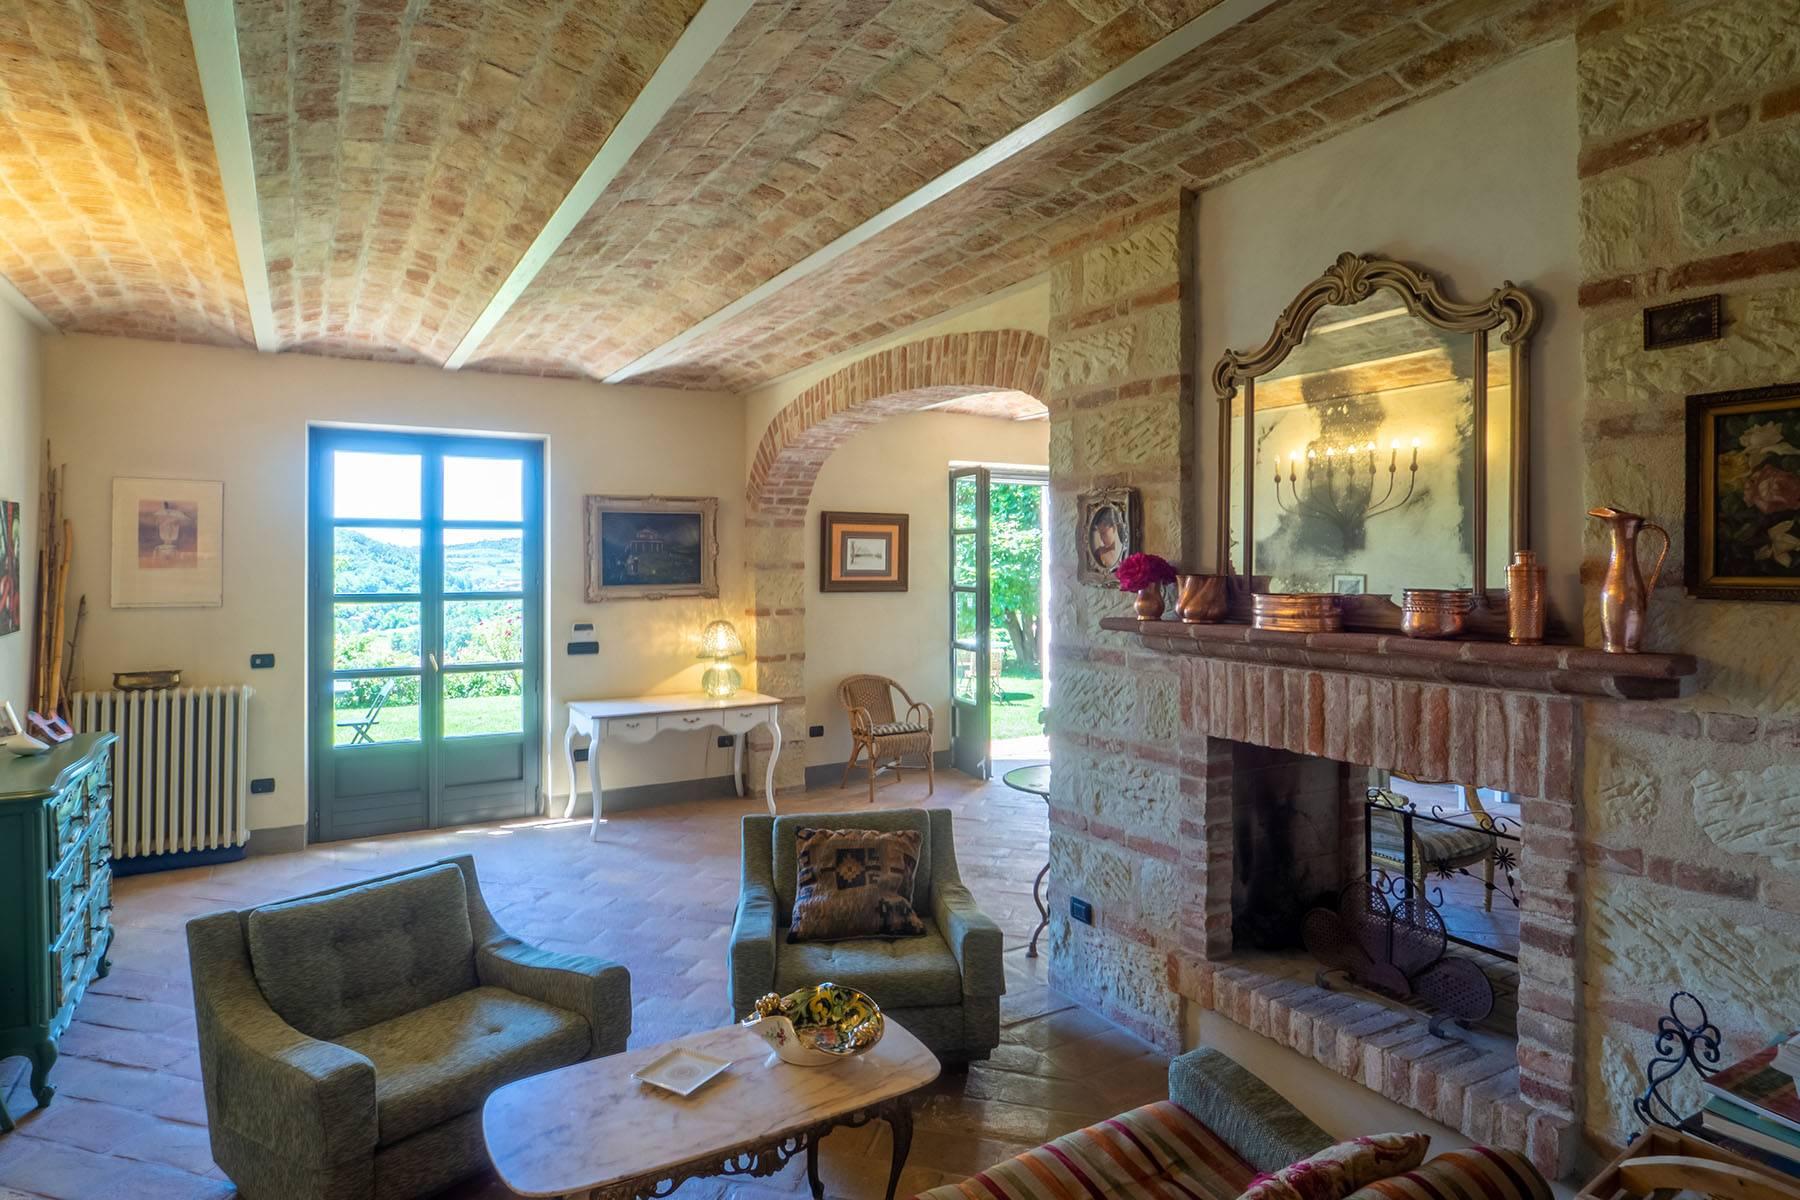 Rustico in Vendita a Ponzano Monferrato: 5 locali, 560 mq - Foto 6